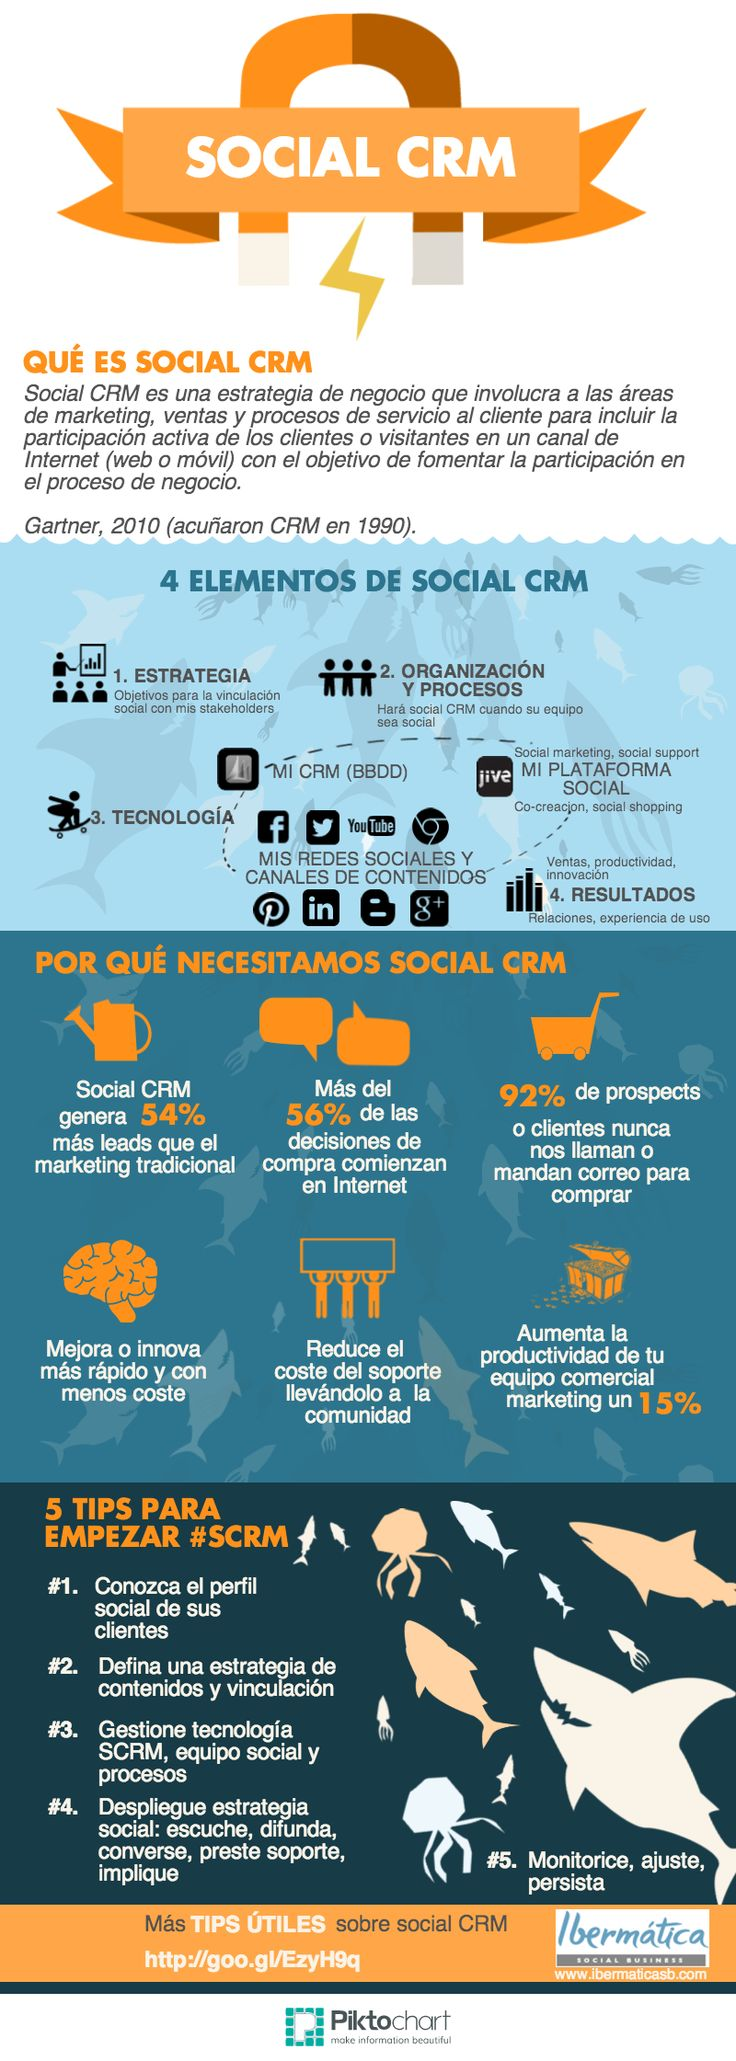 social-crm-infografia-en-espanol